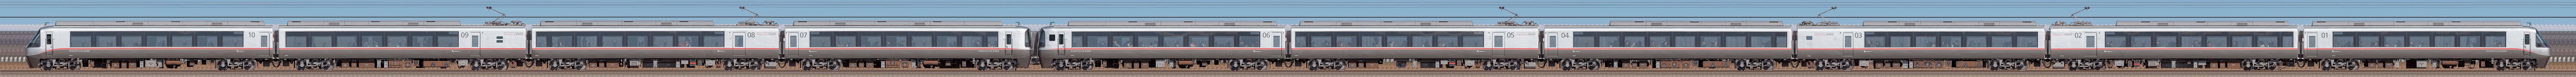 小田急30000形ロマンスカー「EXEα」30052×4+30252×6(山側)の編成サイドビュー